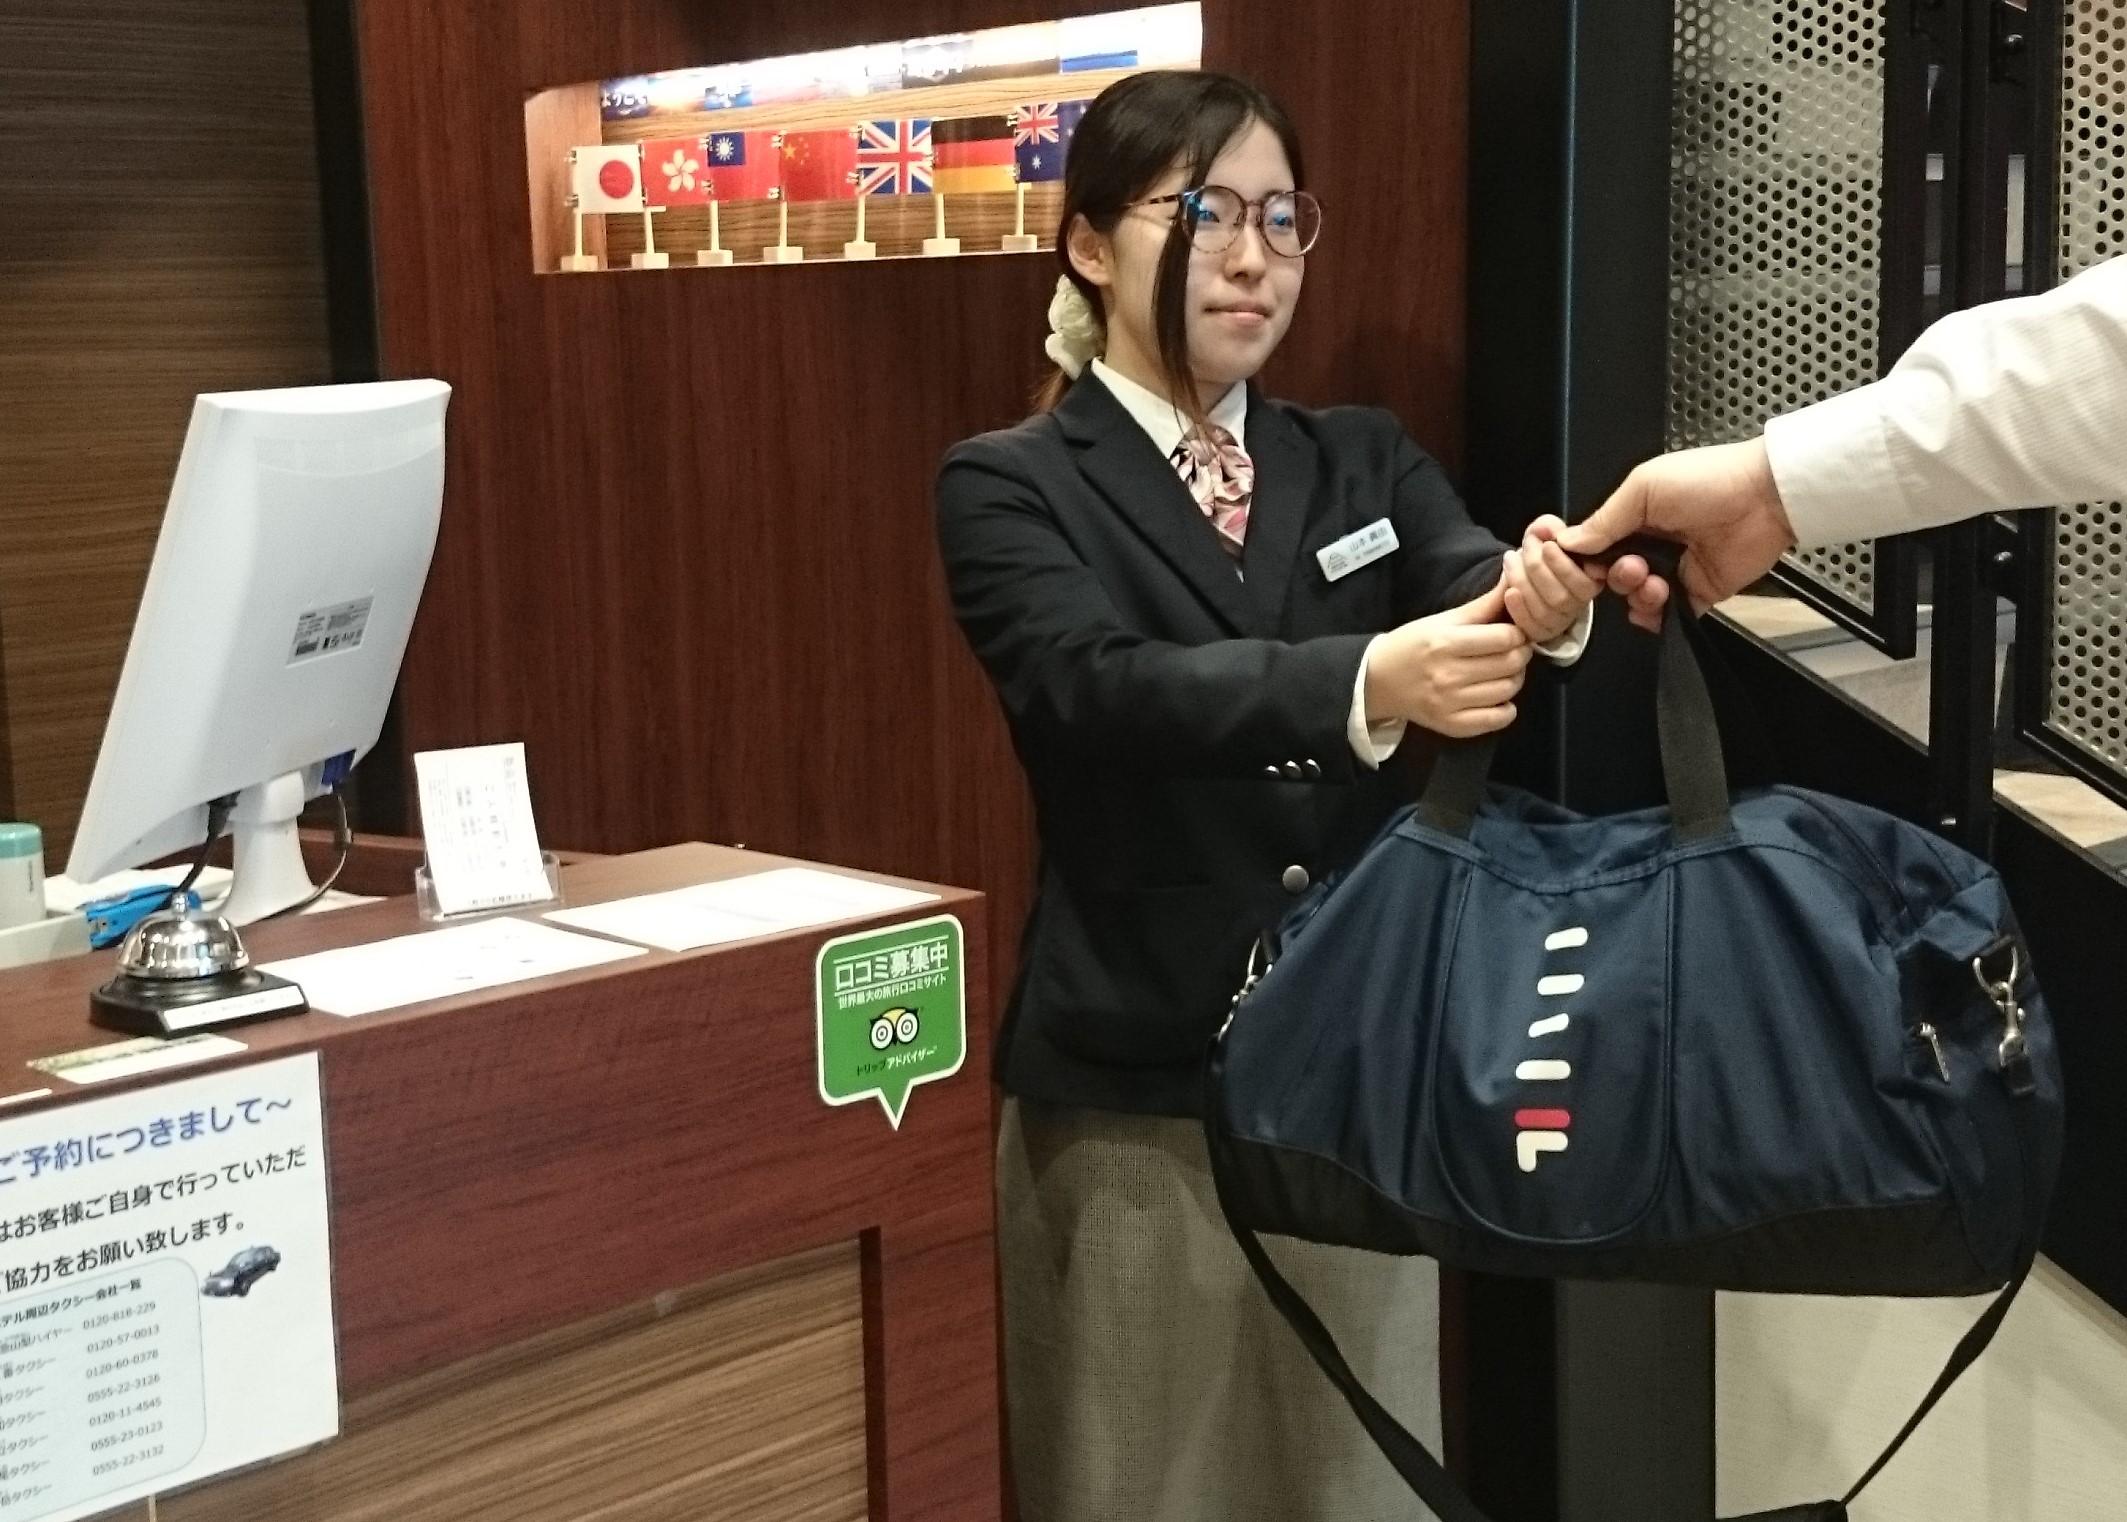 行李寄存服務